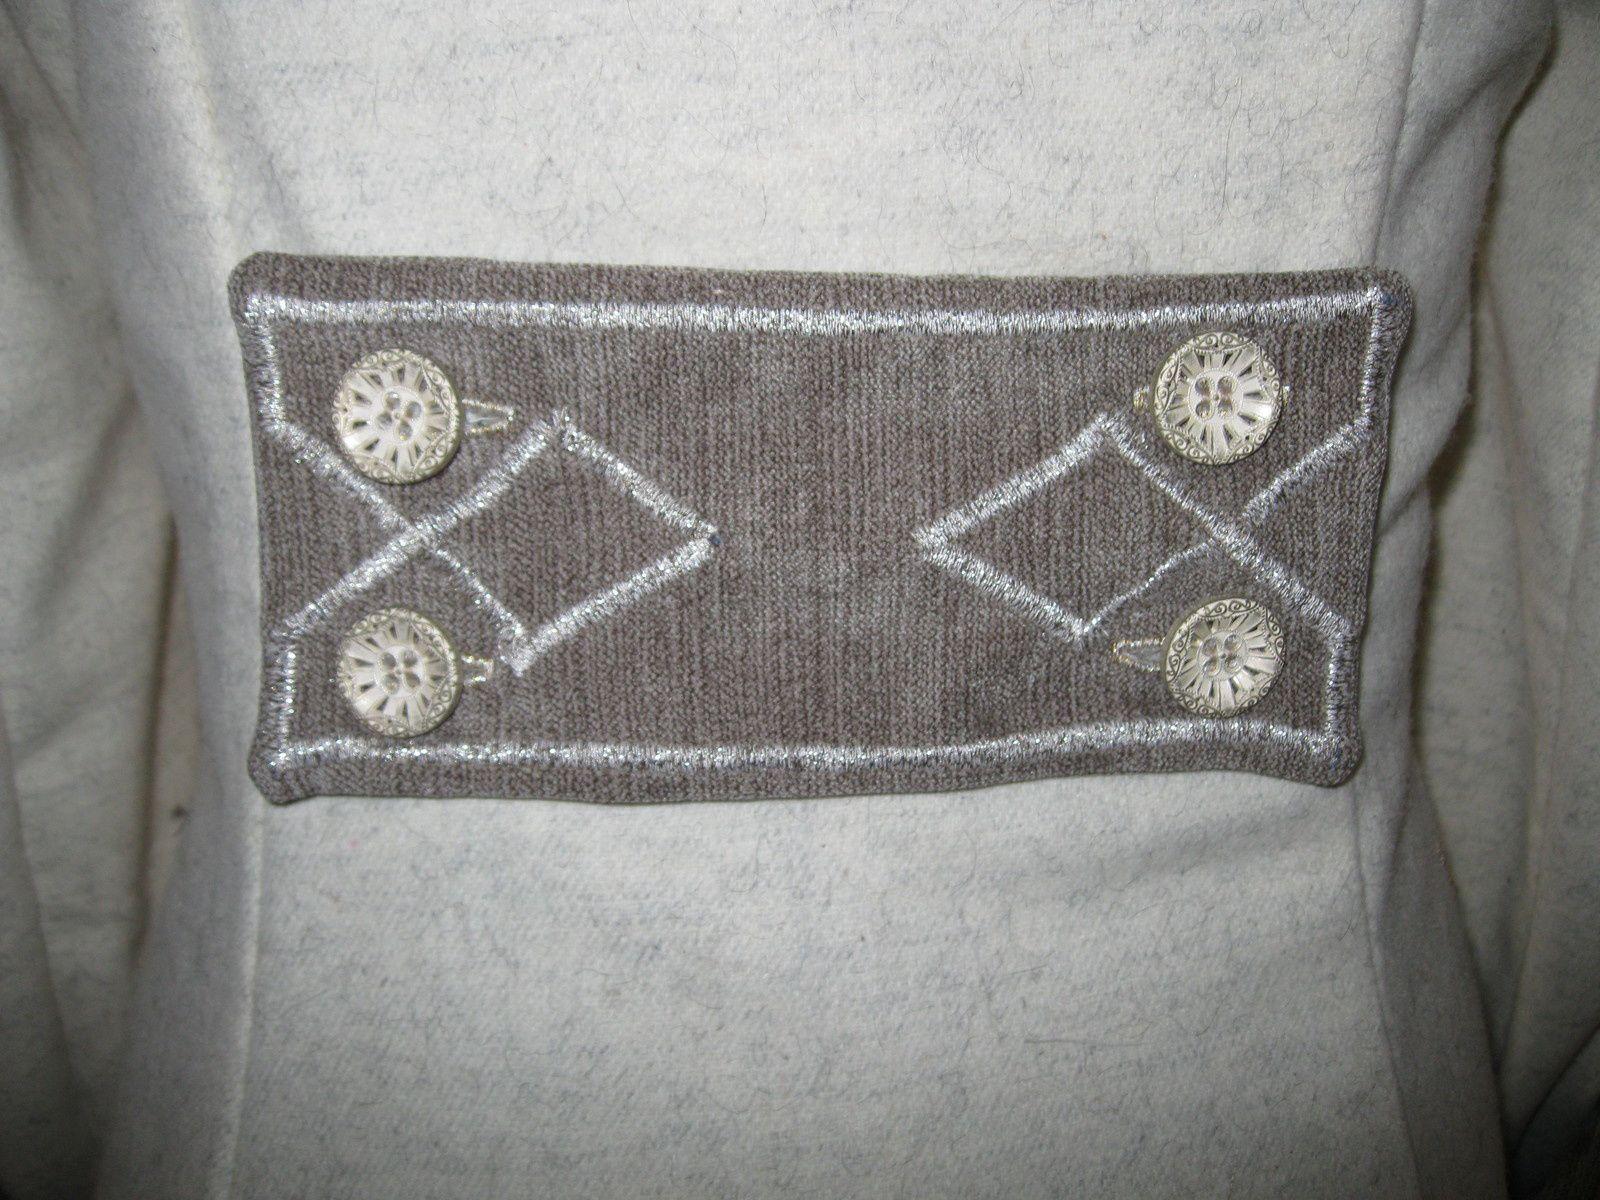 Manteau Belle Epoque - taille 38 - 200 euros